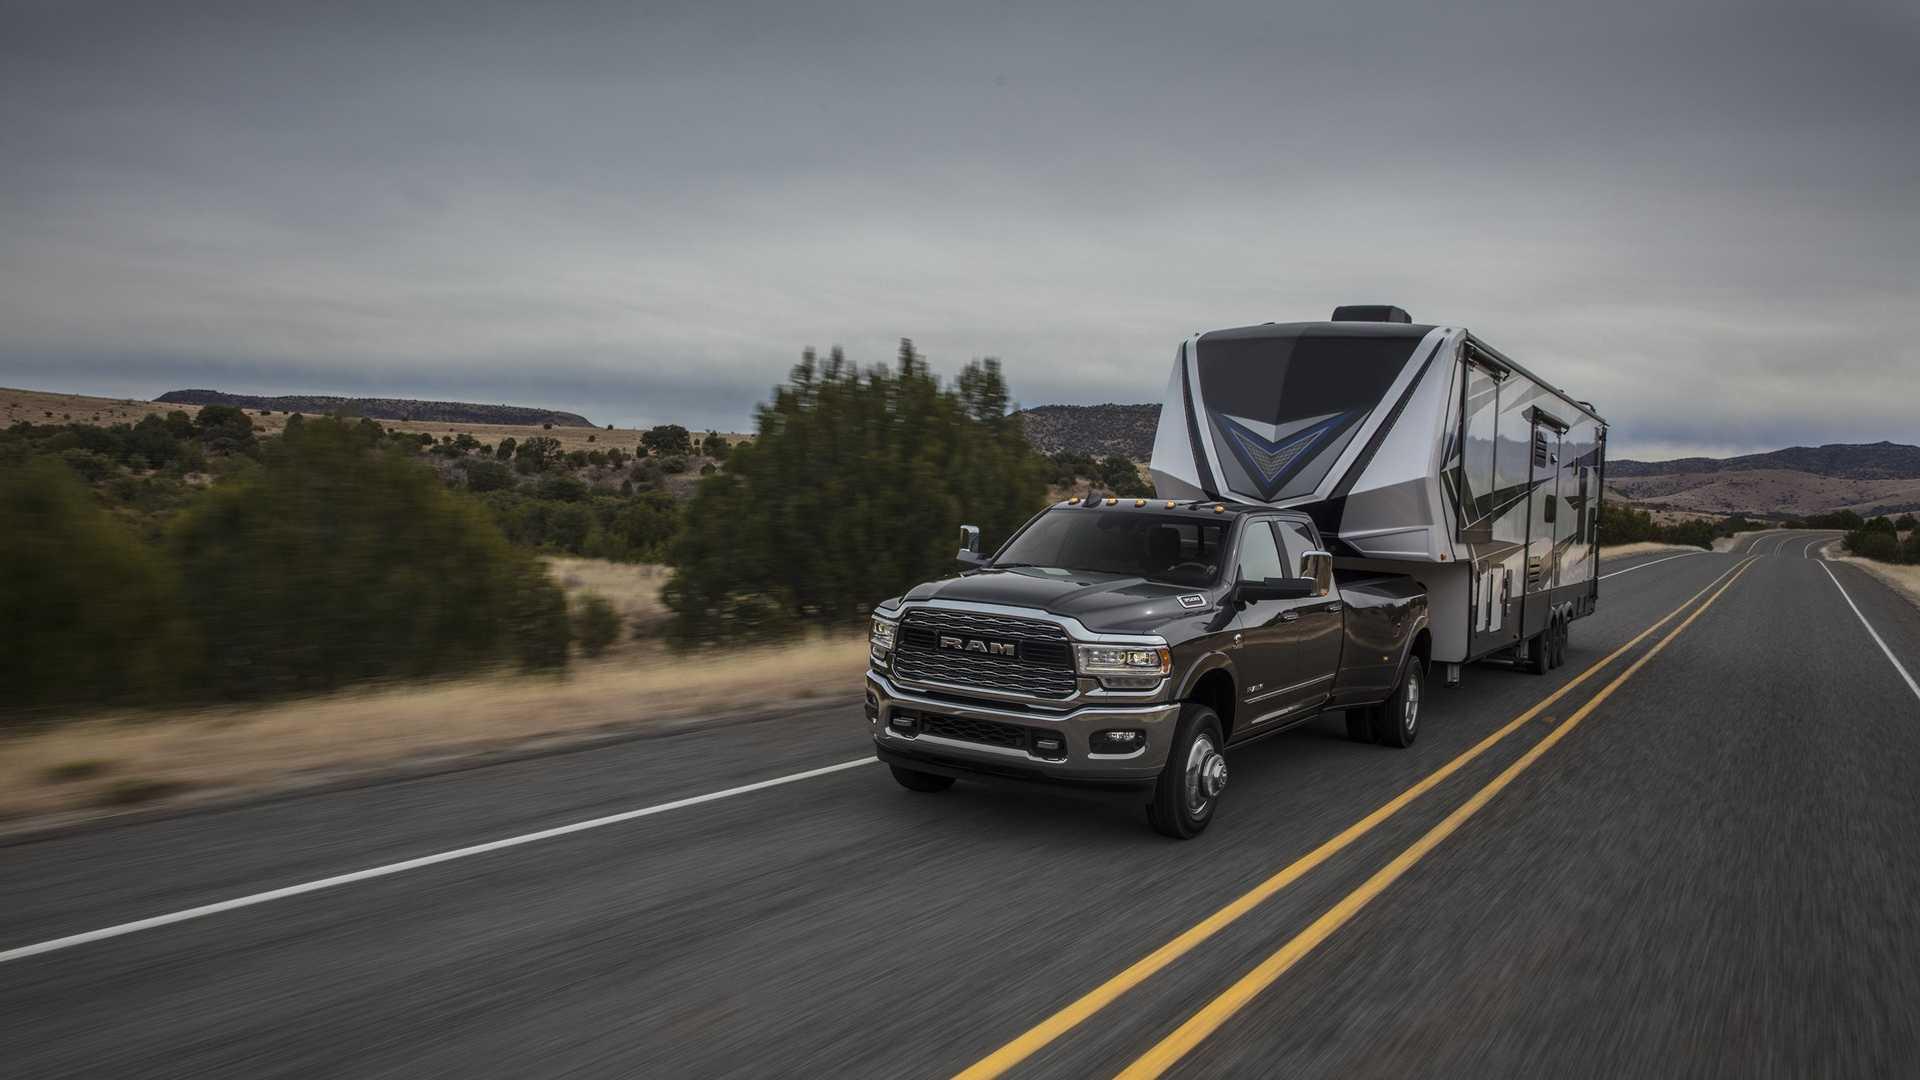 2019-ram-heavy-duty-exterior (62)